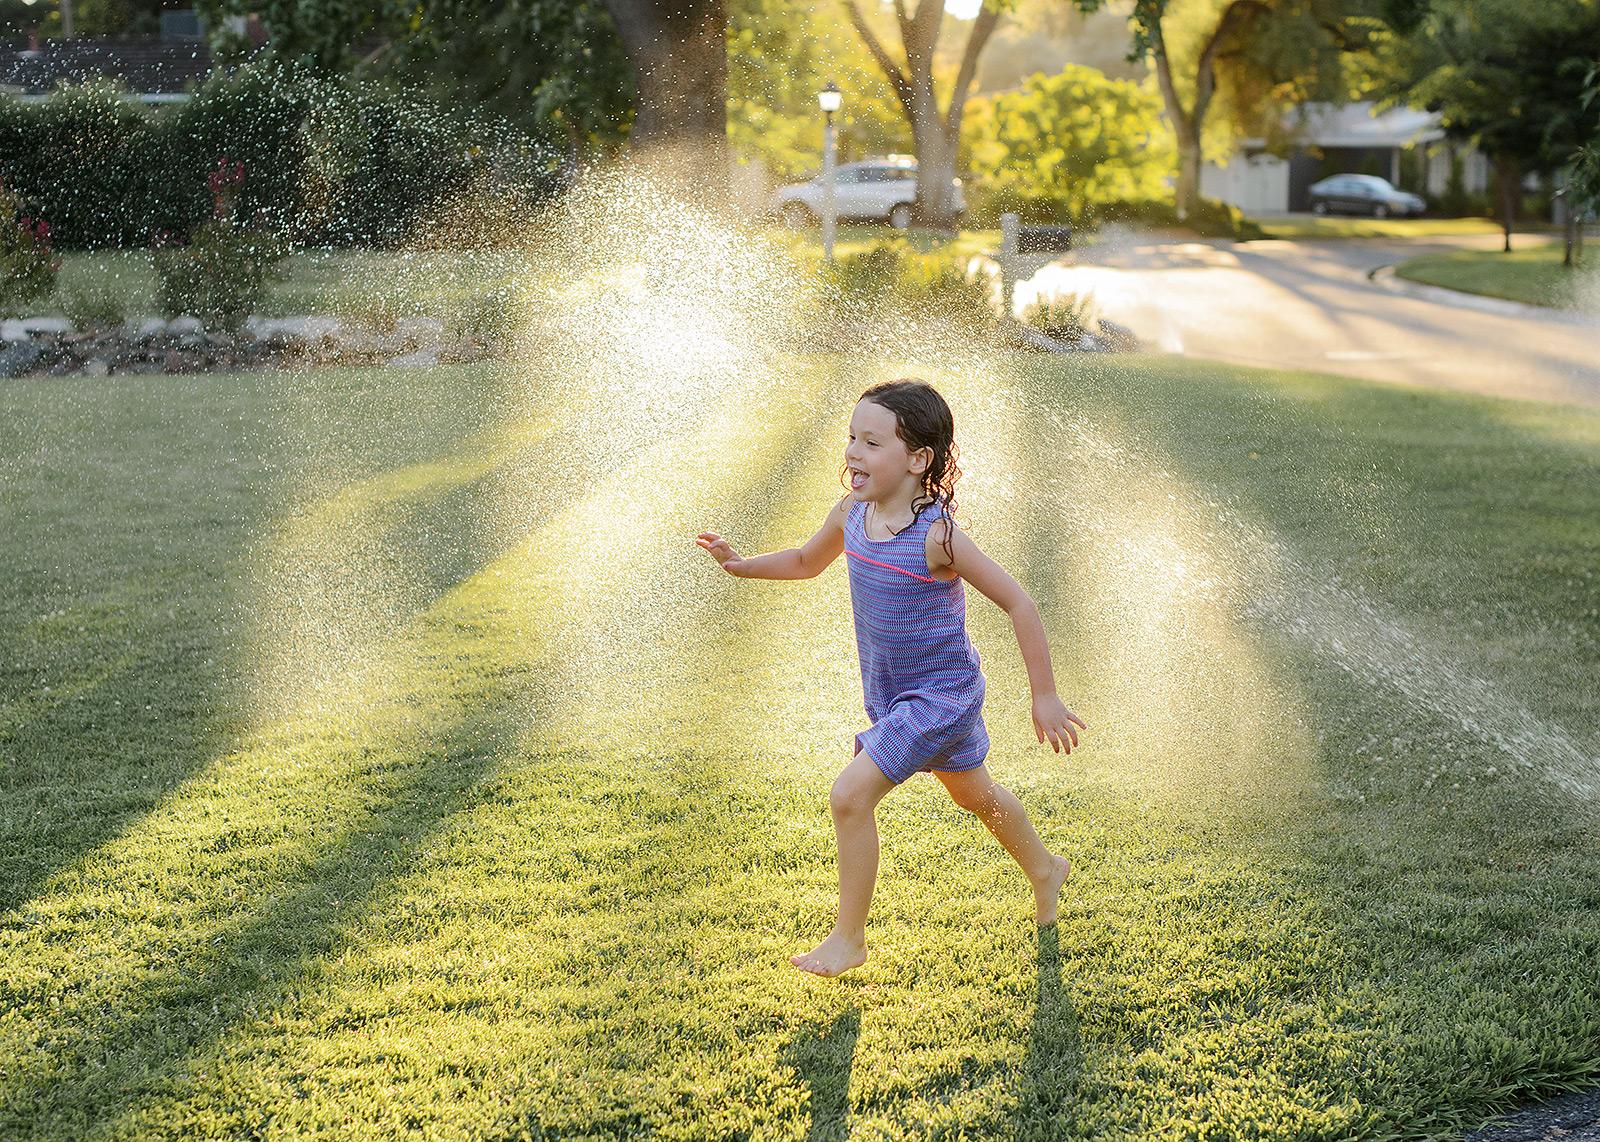 Little girl running through sprinklers on the grass in Sacramento backyard